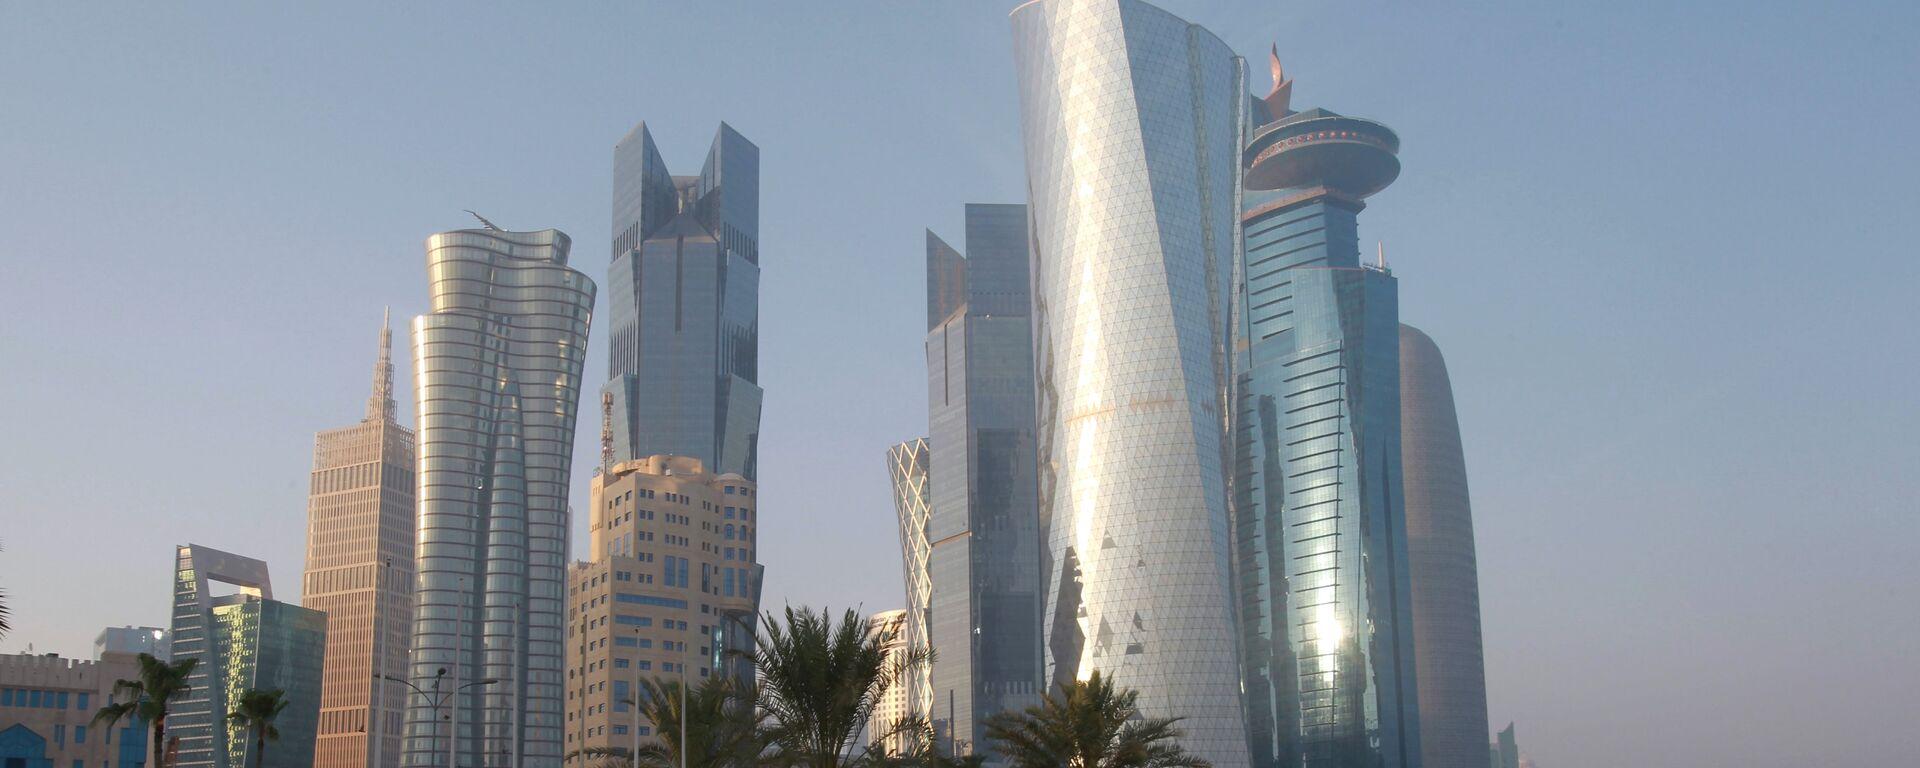 Doha, la capitale del Qatar - Sputnik Italia, 1920, 03.01.2021